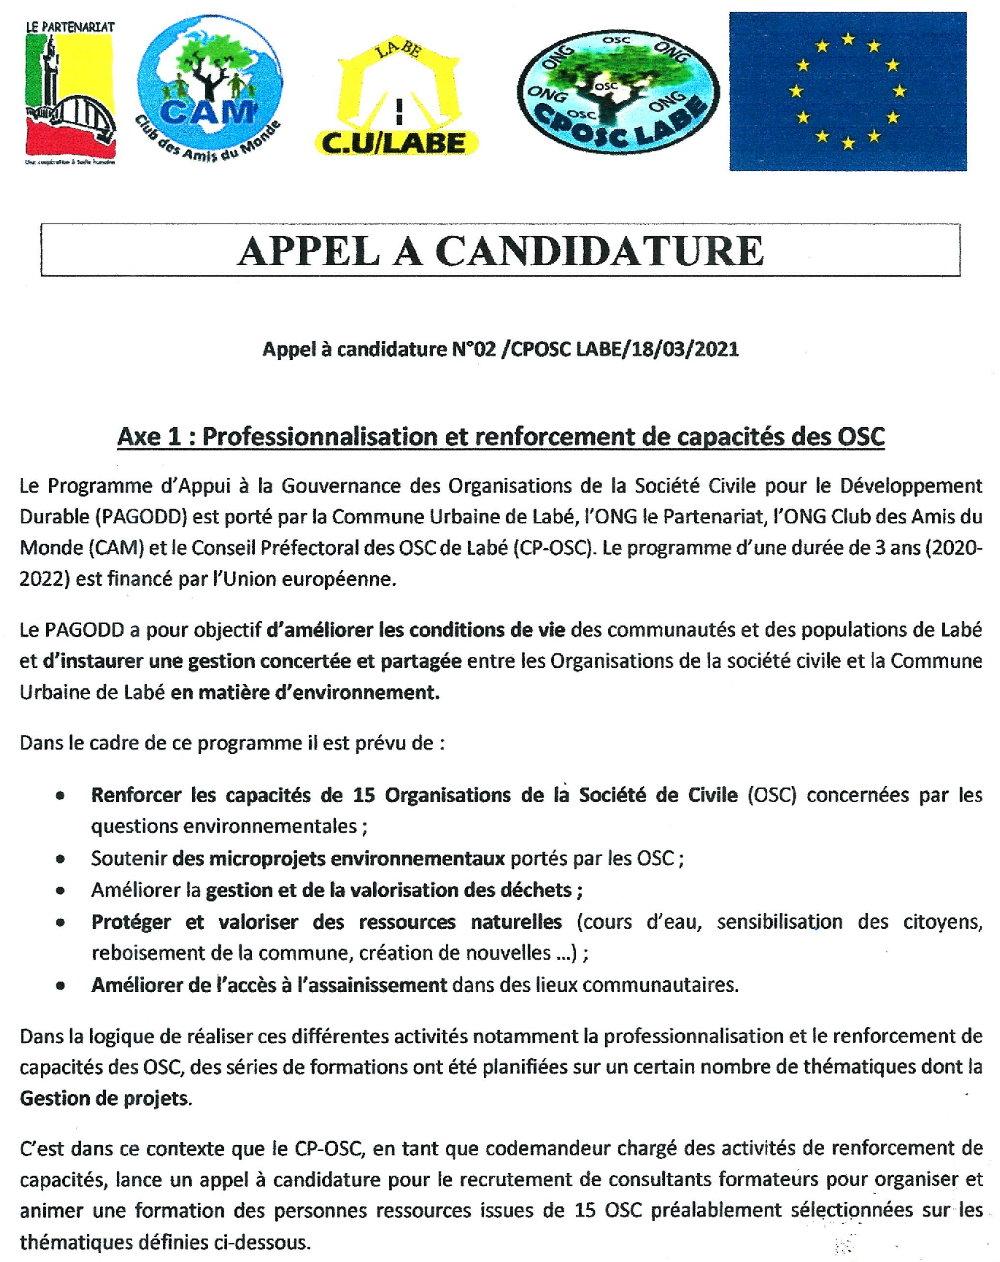 Appel d'Offres en Guinée conakry p1